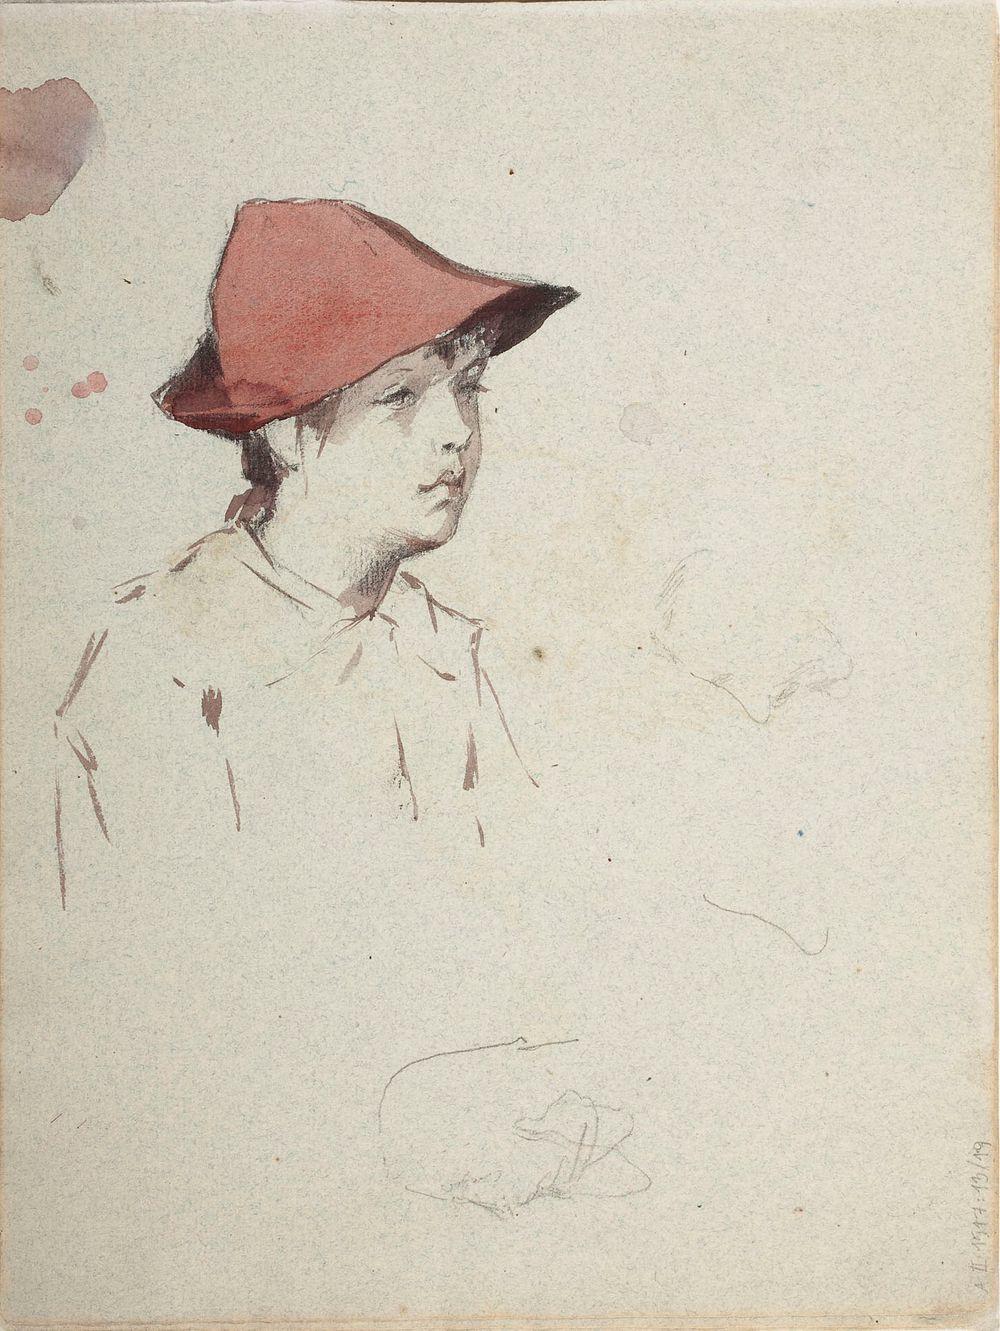 Bertta Edelfelt, taiteilijan sisar punainen hattu päässään. Mahdollisesti n. 1886.